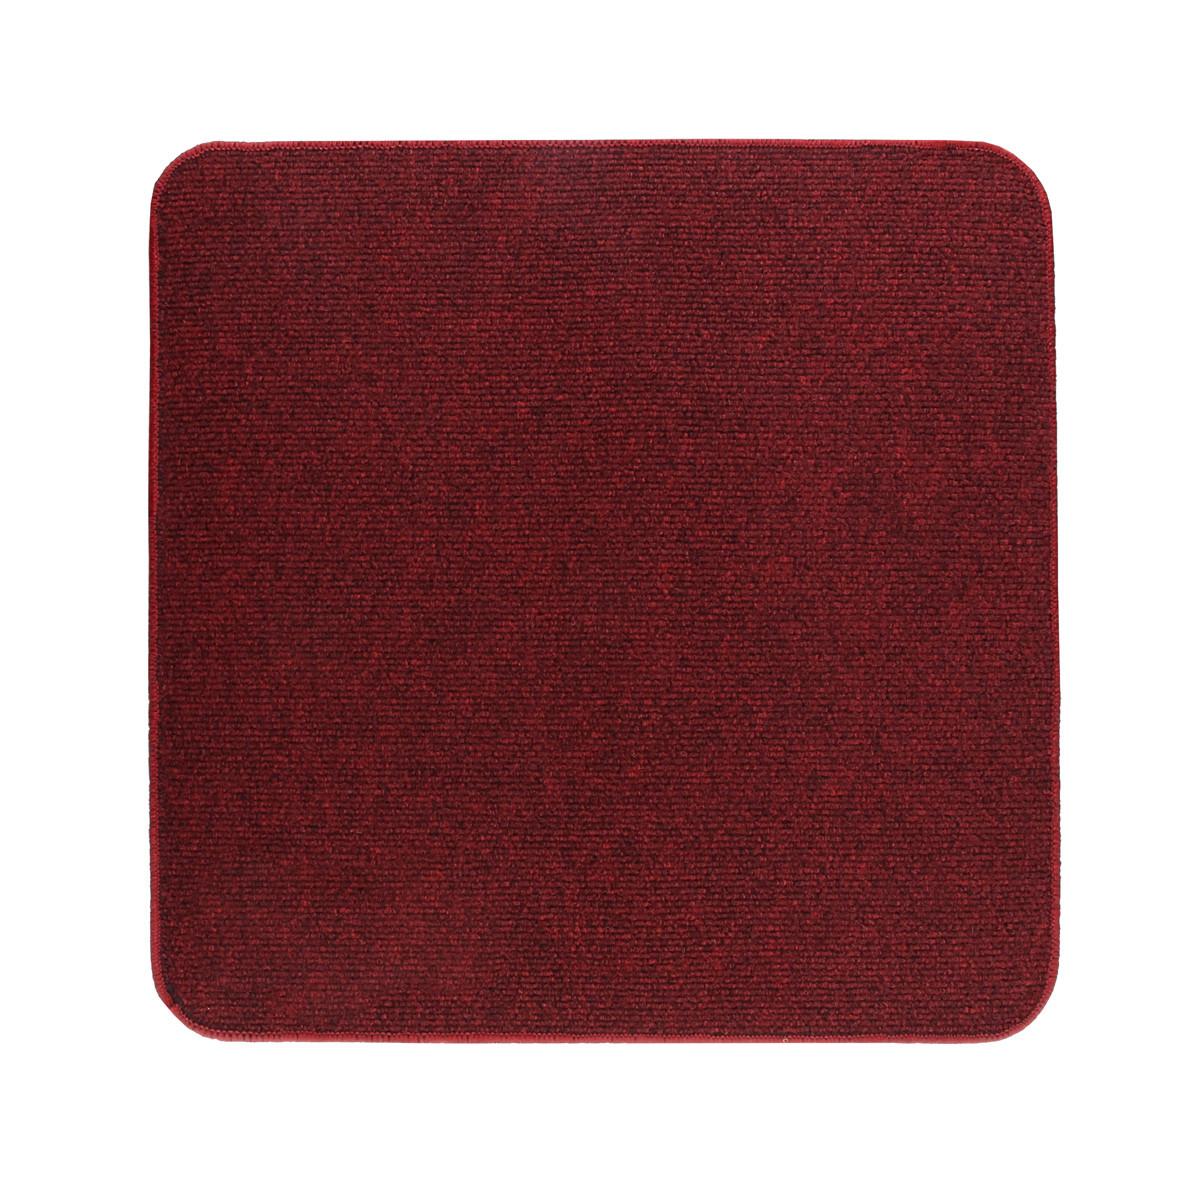 Электрический коврик с подогревом Теплик двусторонний 50 х 50 см Темно-красный